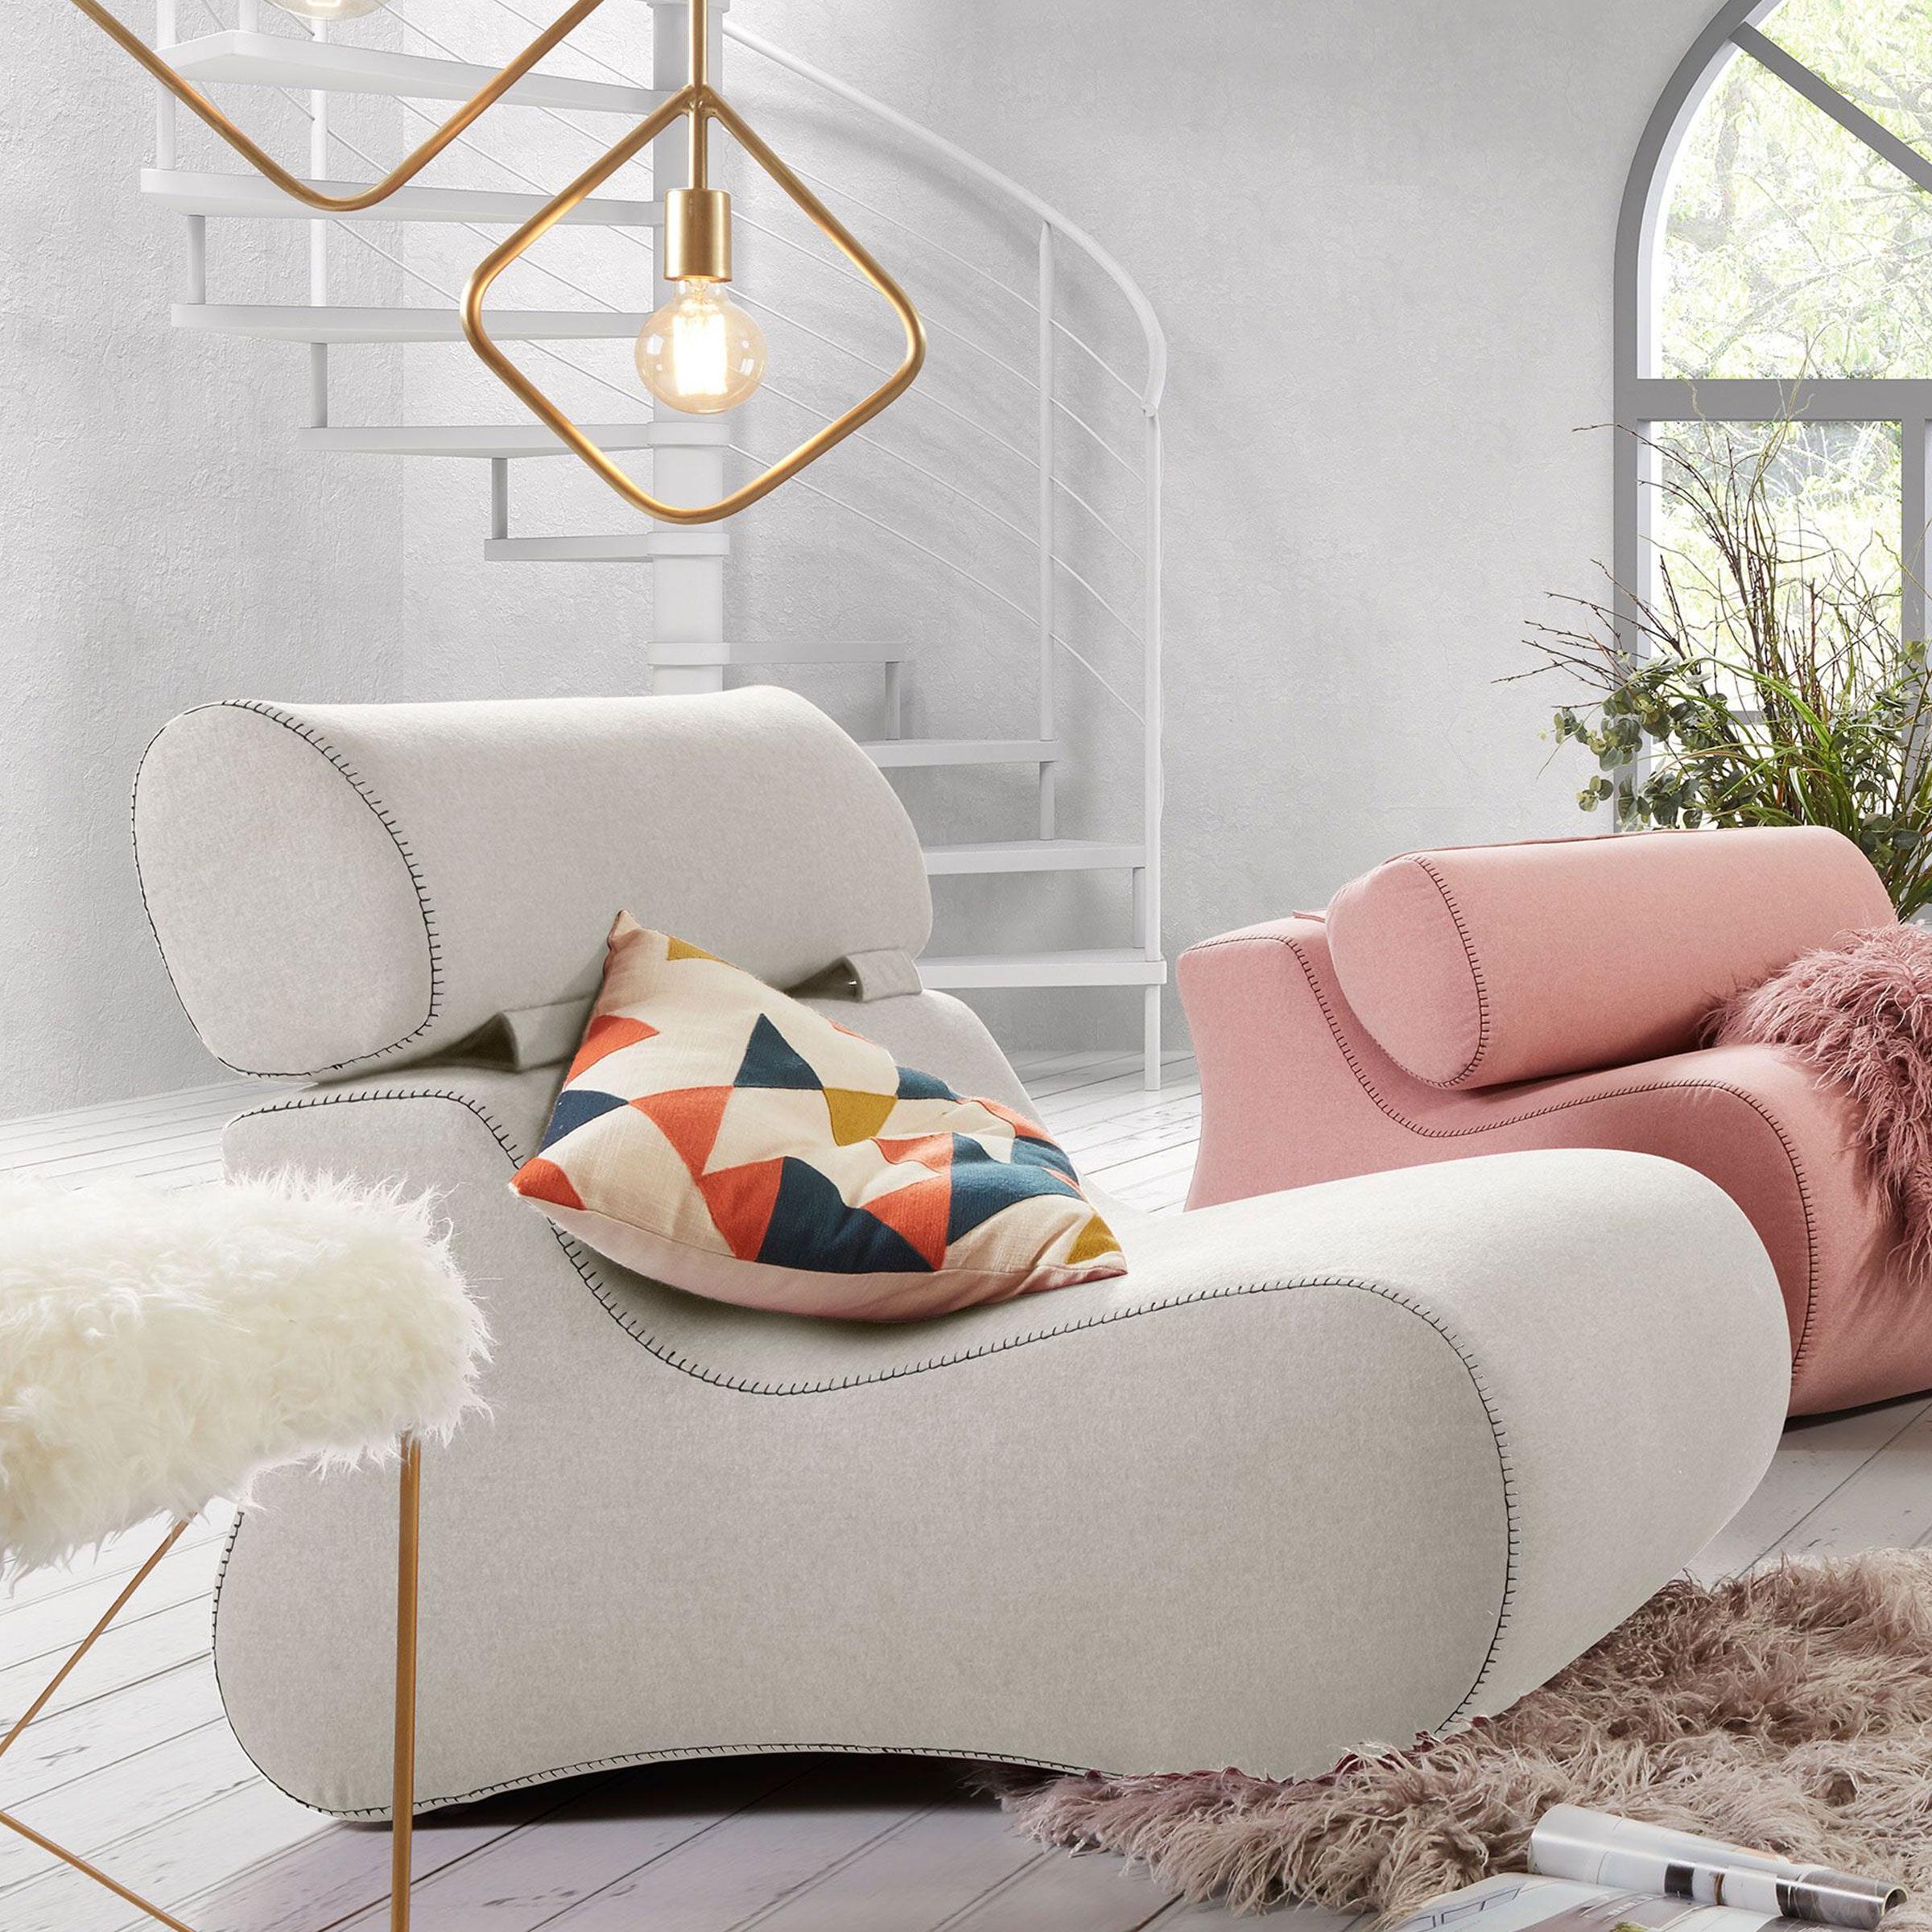 Kave Home Fauteuil 'Club' kleur beige